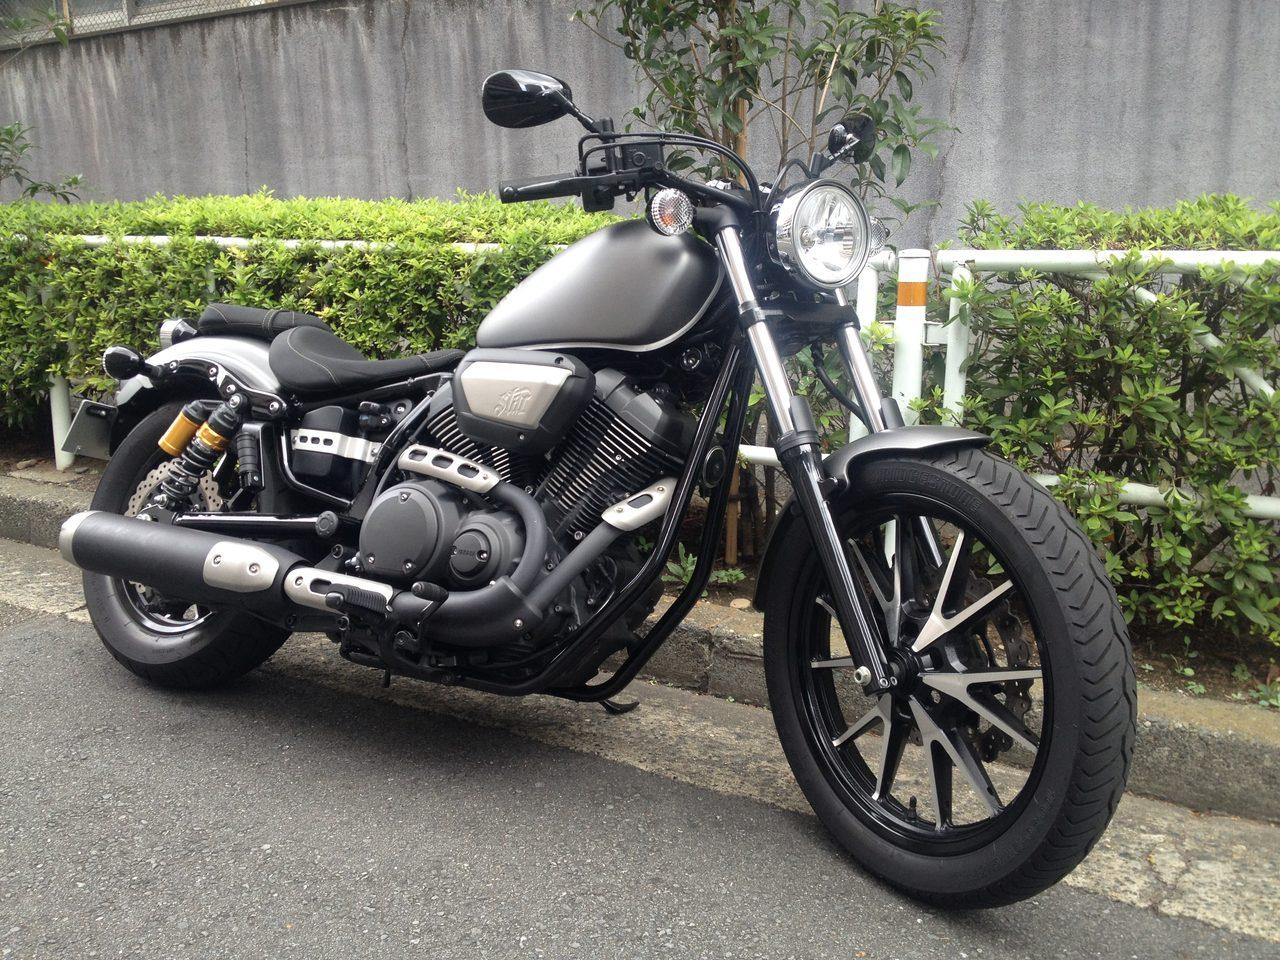 画像: 試乗:ヤマハ・ボルト Rスペック - LAWRENCE(ロレンス) - Motorcycle x Cars + α = Your Life.